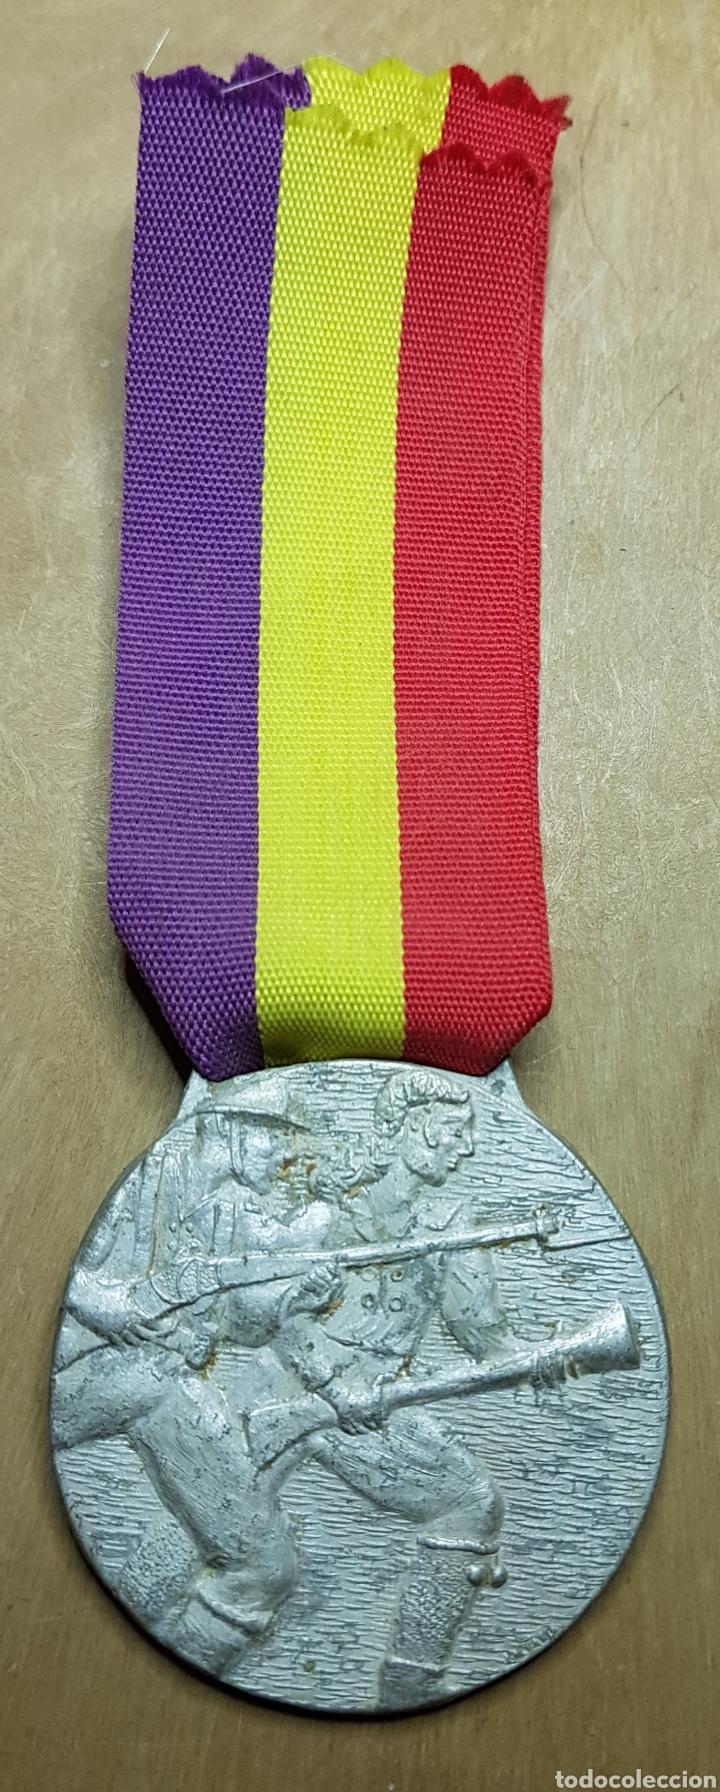 MEDALLA 2 GUERRA INDEPENDENCIA GUERRA CIVIL REPUBLICA (Militar - Medallas Españolas Originales )